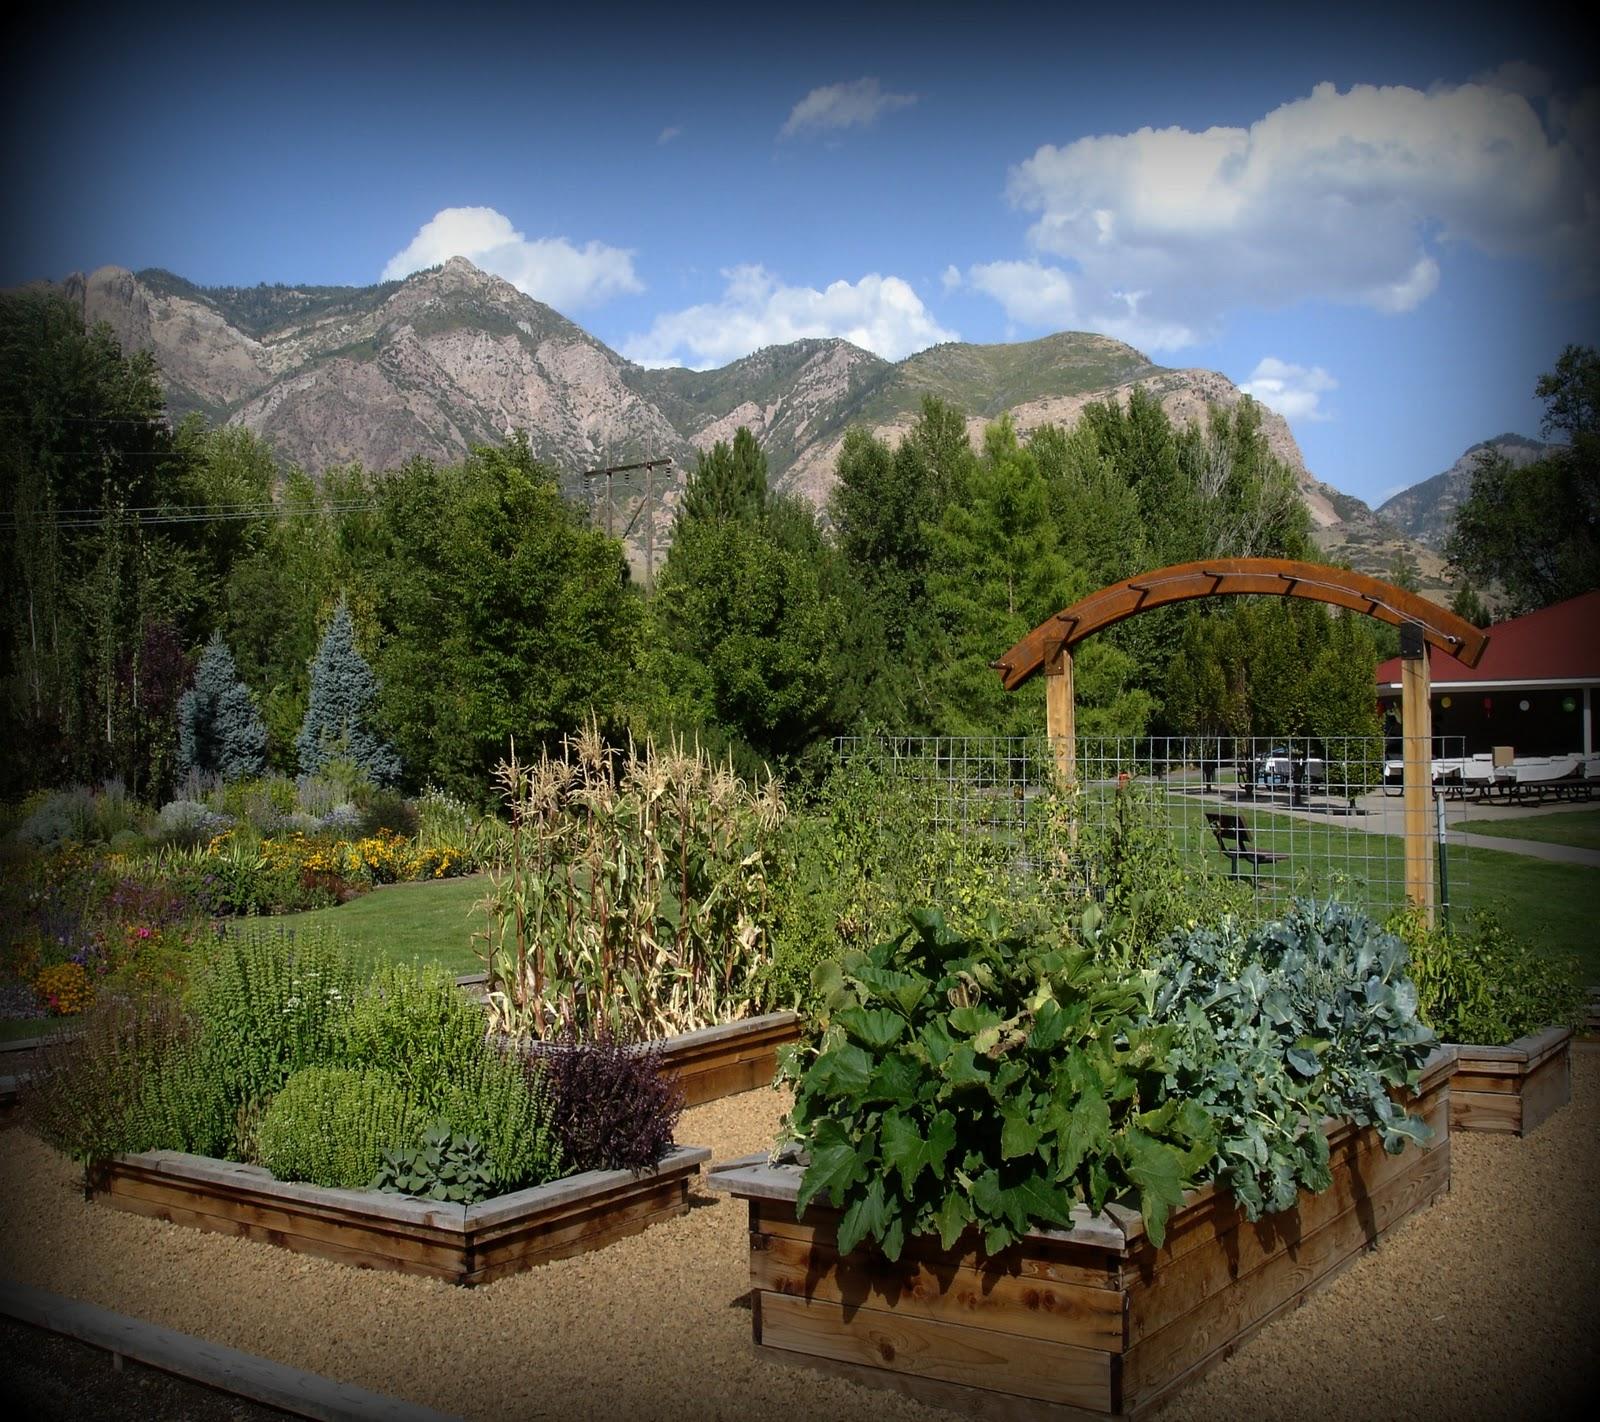 Merveilleux Ogden Botanical Gardens Raised Beds